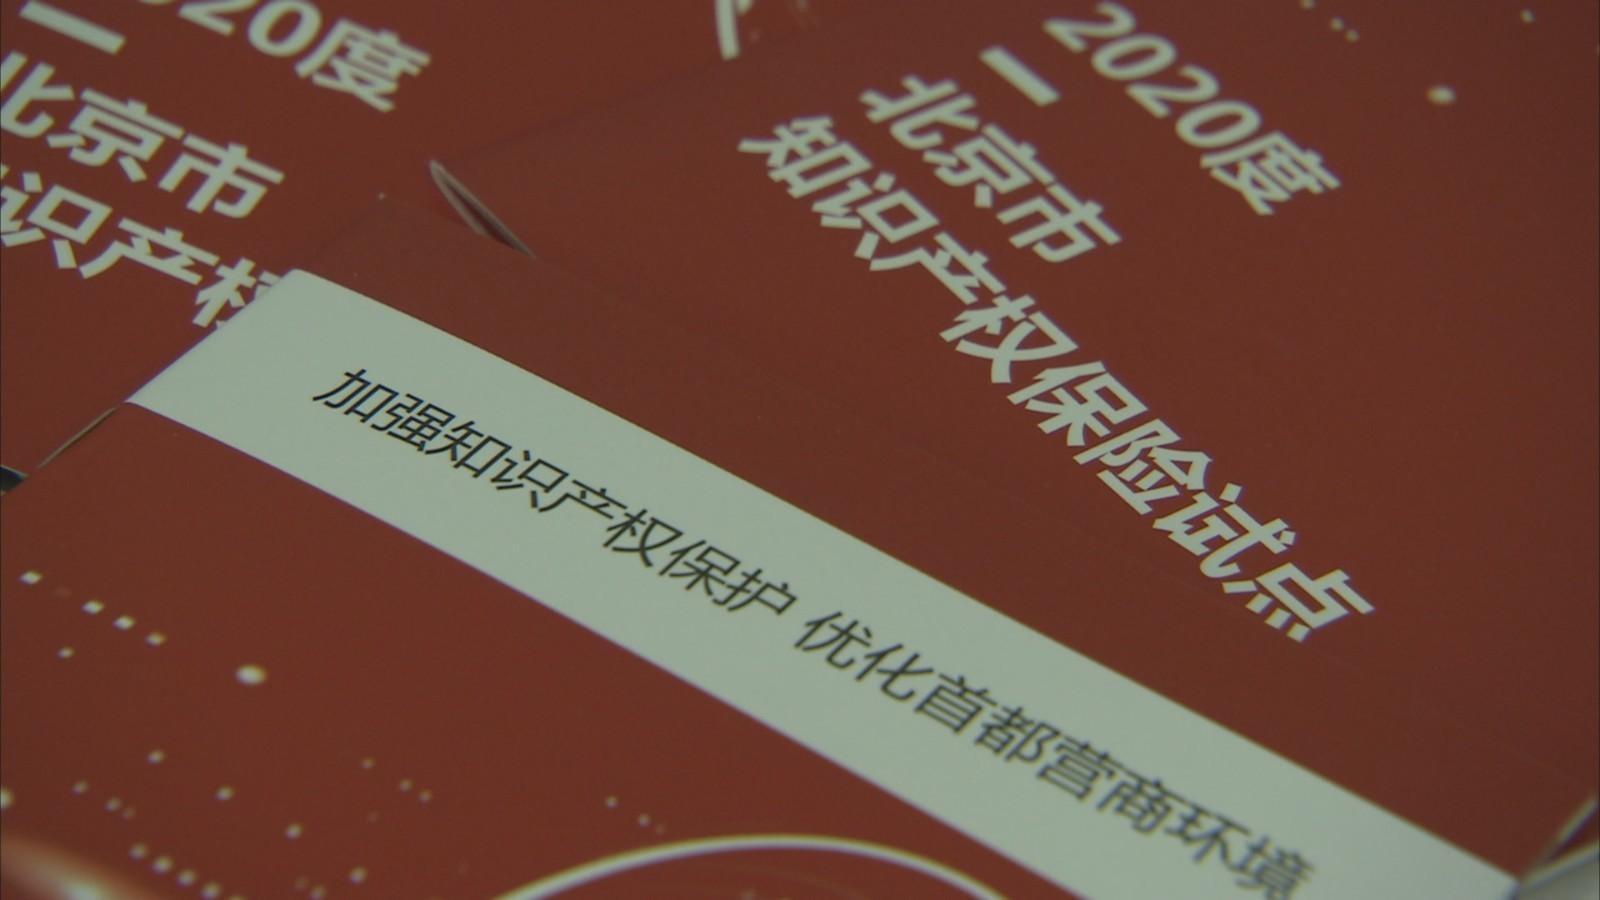 14家知识产权纠纷人民调解组织 覆盖北京十大高精尖产业